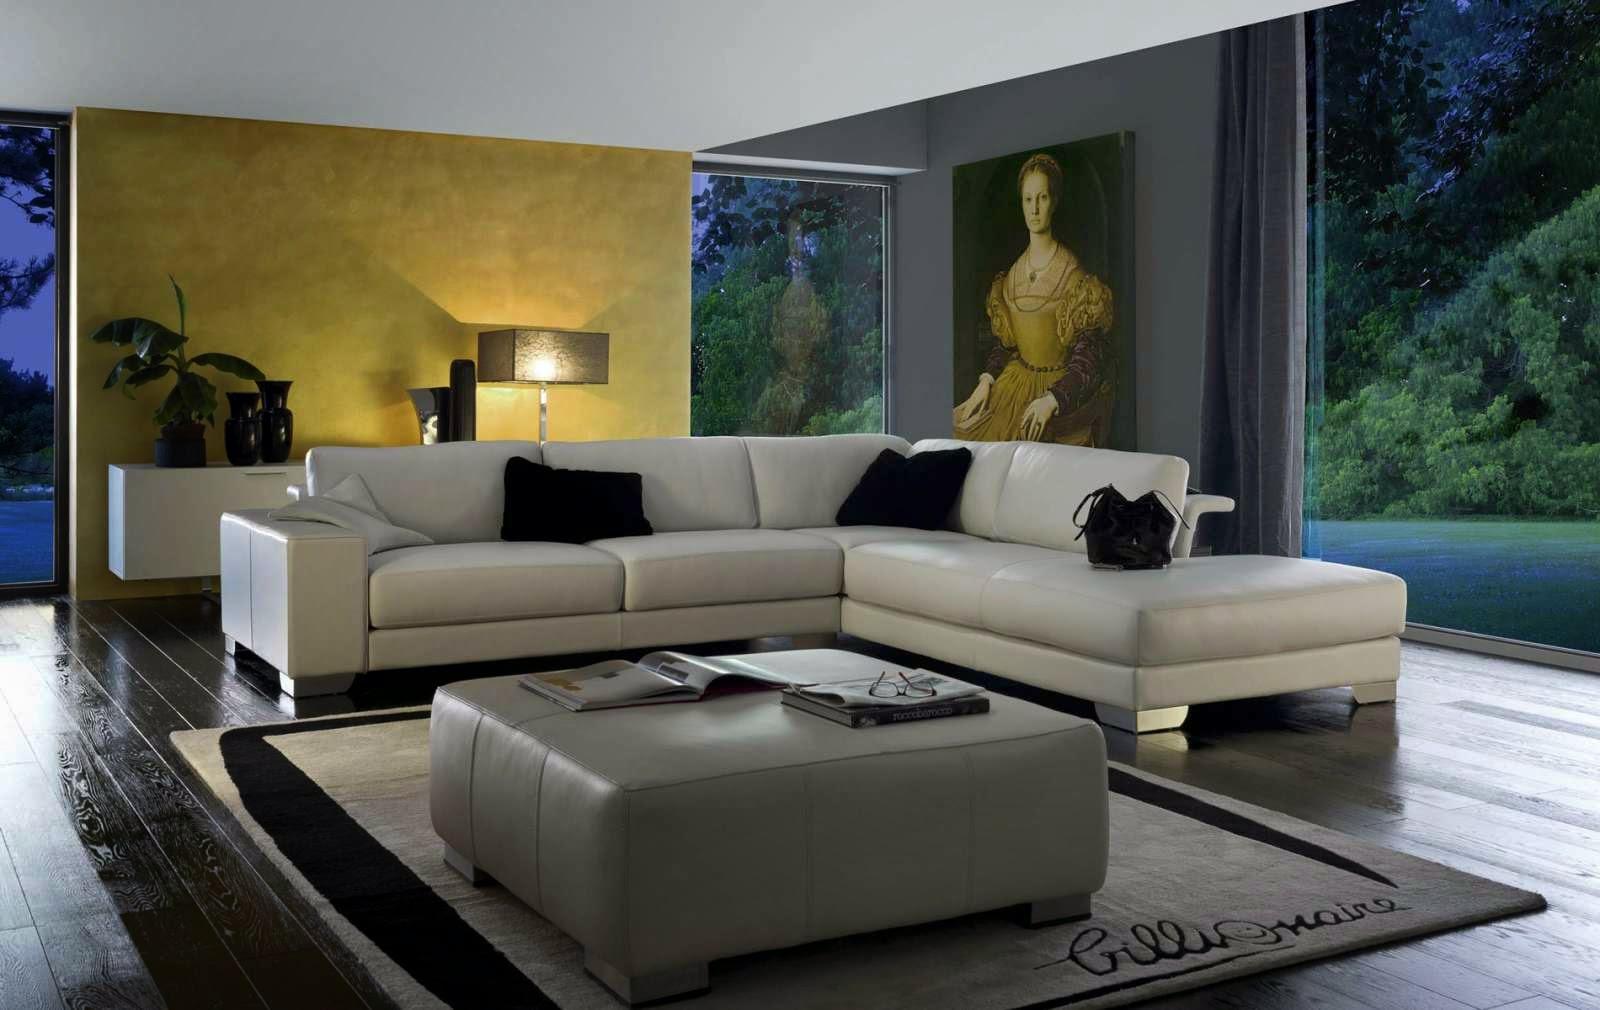 A roma e nelle vicinanze si possono trovare outlet a prezzi interessanti che permettono di risparmiare dal 30 al 50% su un divano già di per sè scontato grazie alle promozioni in corso. Billionarie Il Lusso In Casa Chateau D Ax